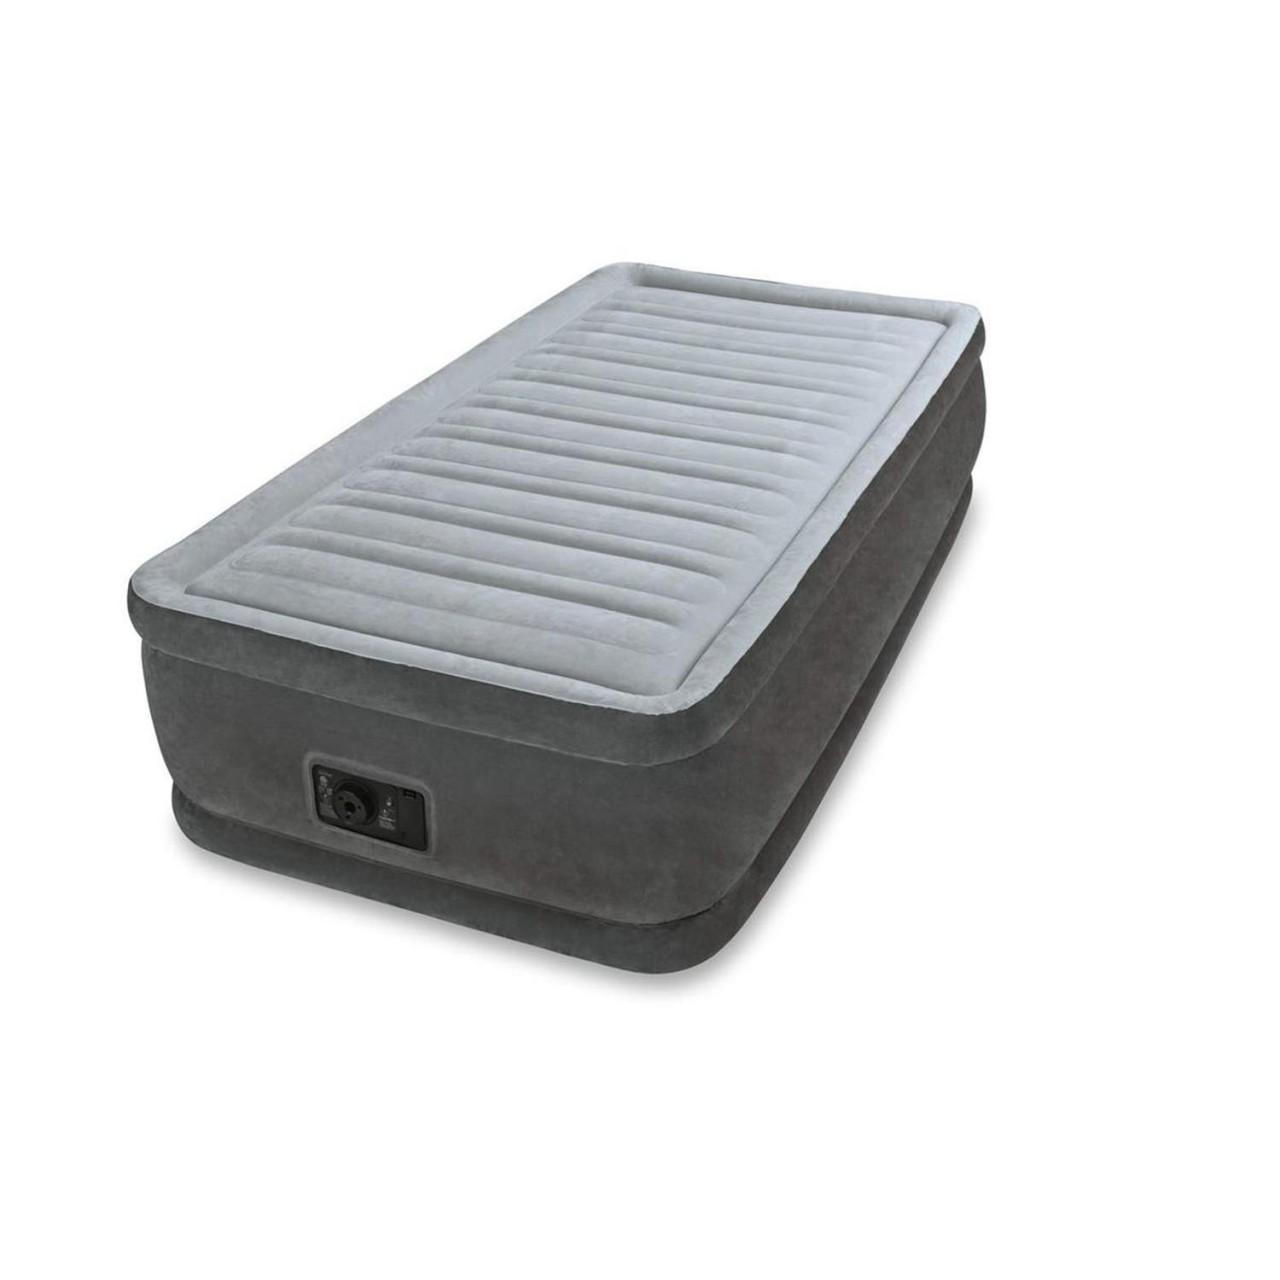 Intex Luftbett mit Pumpe Gästebett Luftmatratze 191x99x46 cm selbstaufblasend